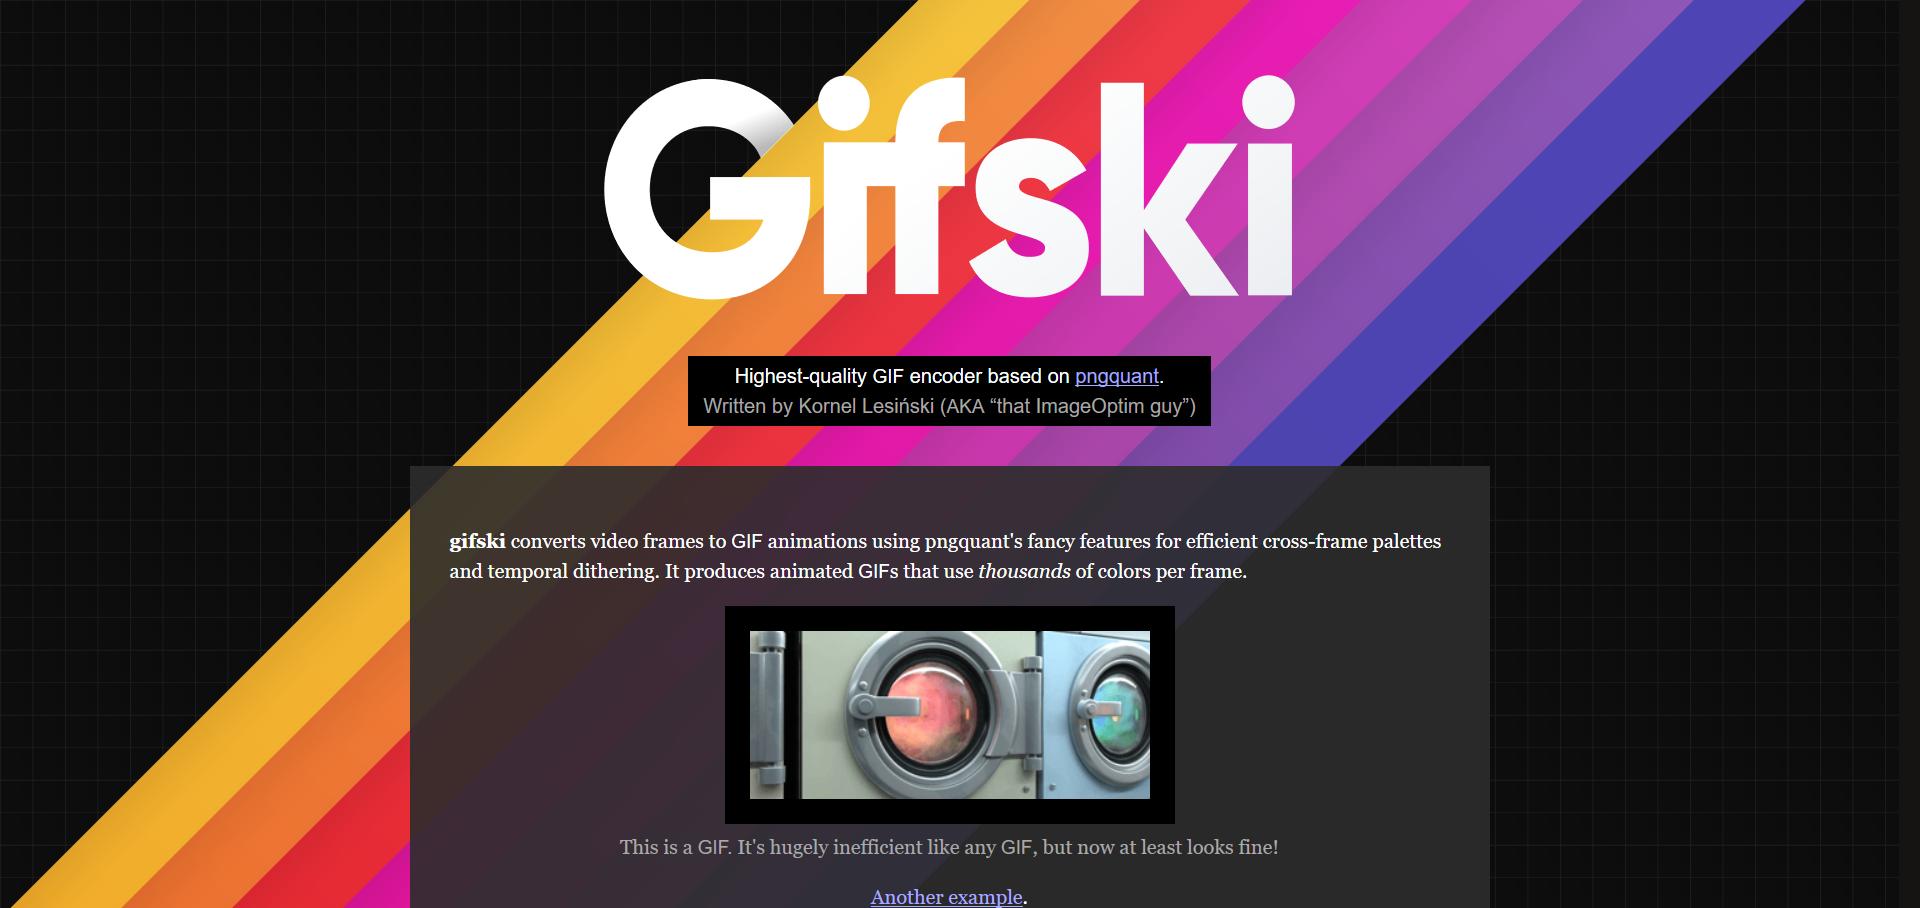 Gifski – Highest-quality GIF encoder